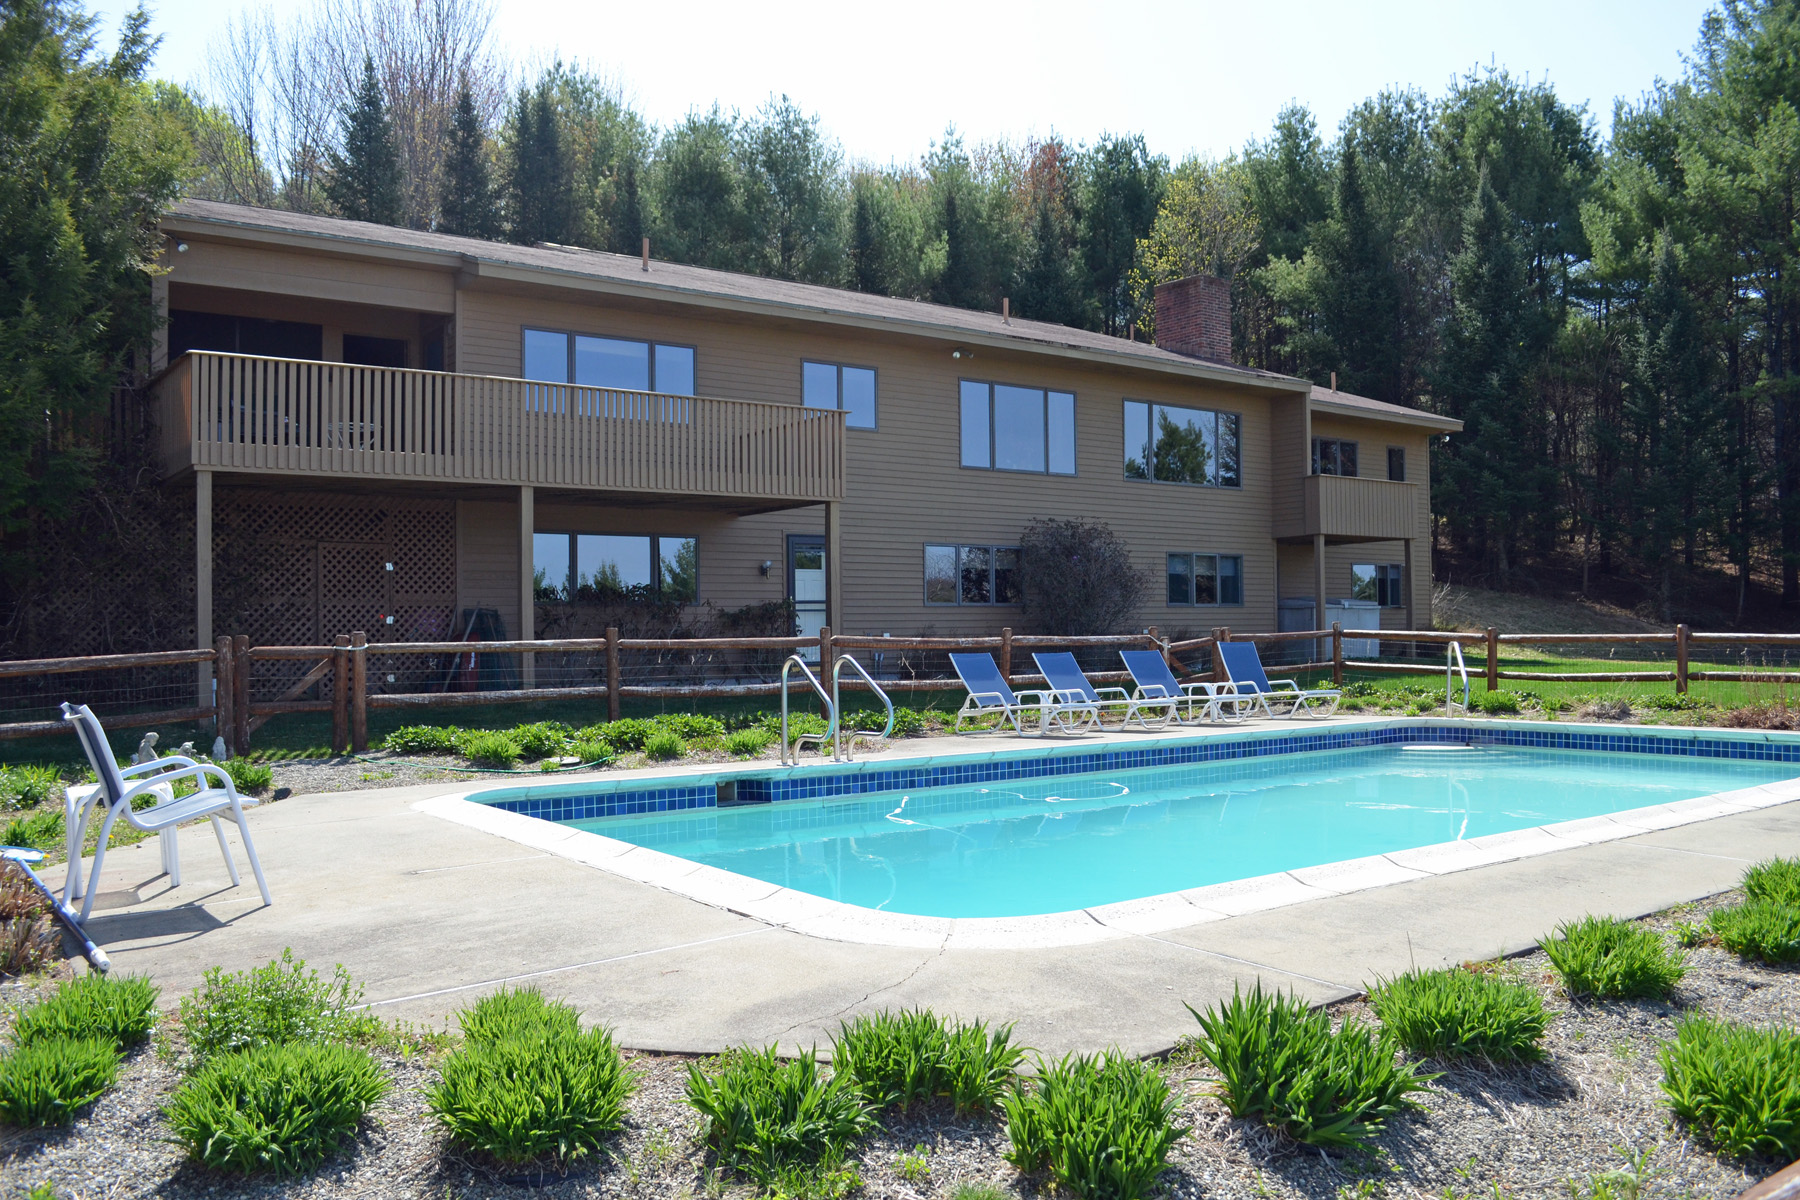 Maison unifamiliale pour l Vente à 35 Stevens Road, Hanover 35 Stevens Rd Hanover, New Hampshire, 03755 États-Unis